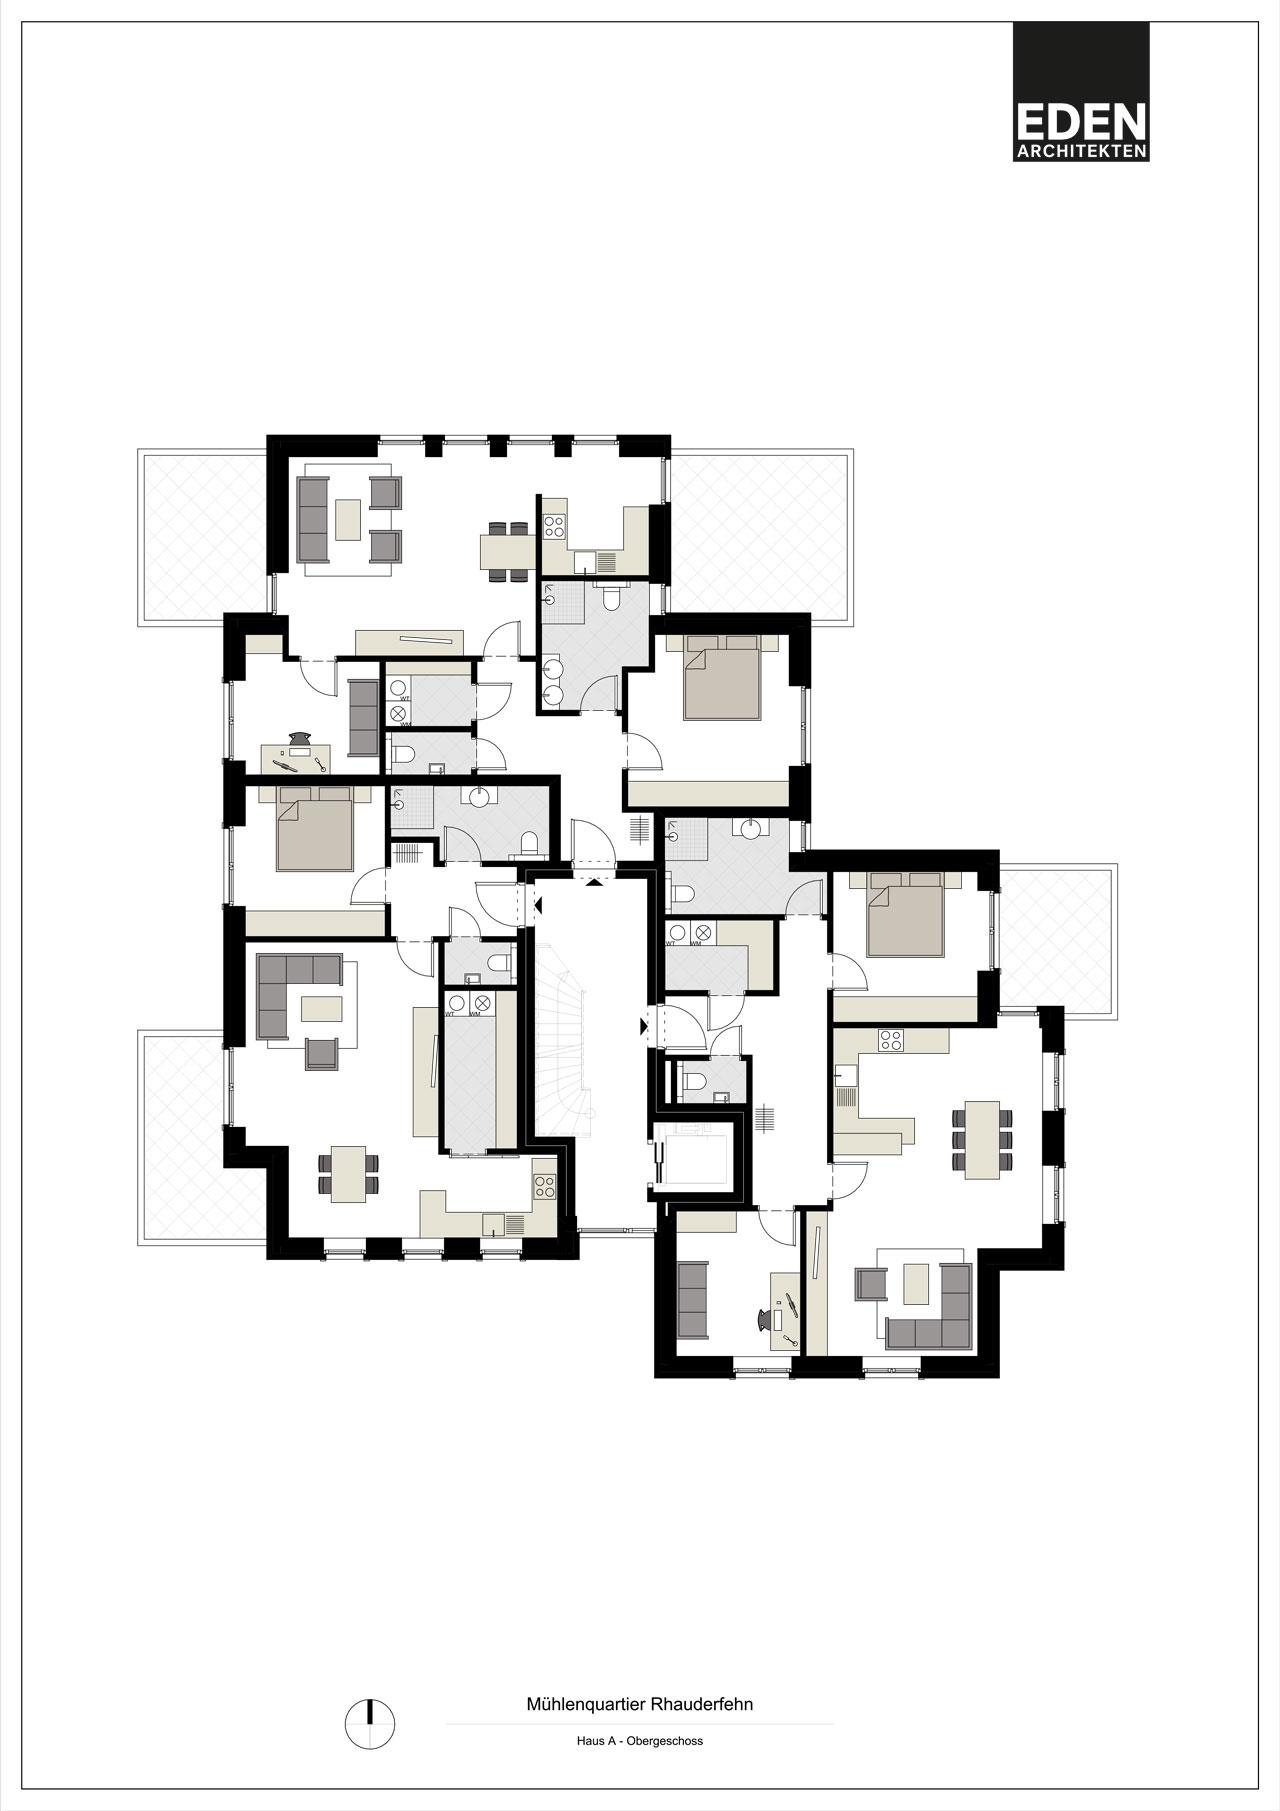 Mühlenquartier_Rhauderfehn_Haus-A_Obergeschoss